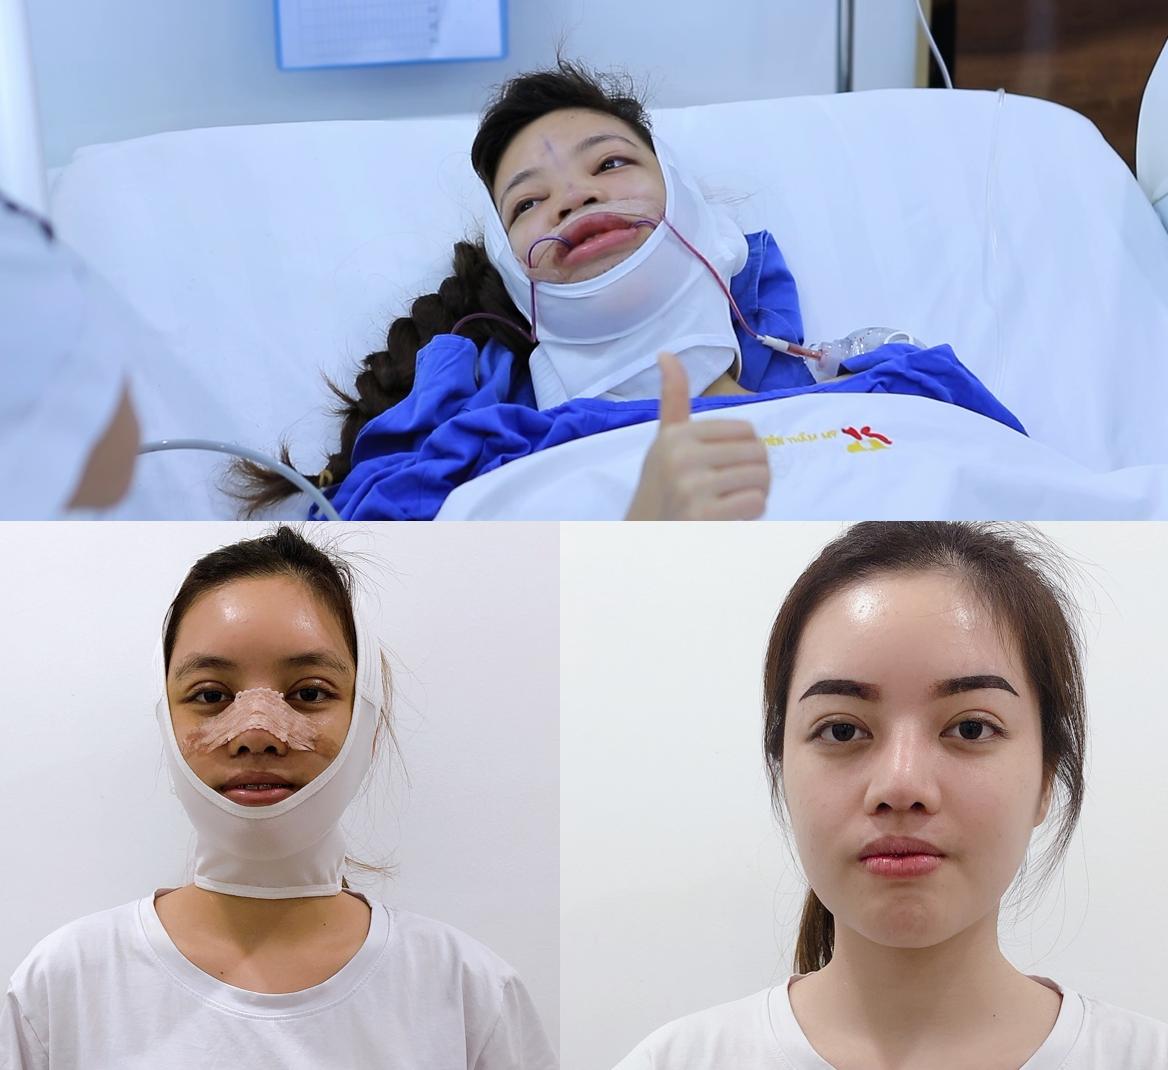 Cuộc phẫu thuật cho nữ điều dưỡng phức tạp, đòi hỏi các bác sĩ cũng như bản thân cô phải nỗ lực rất lớn.